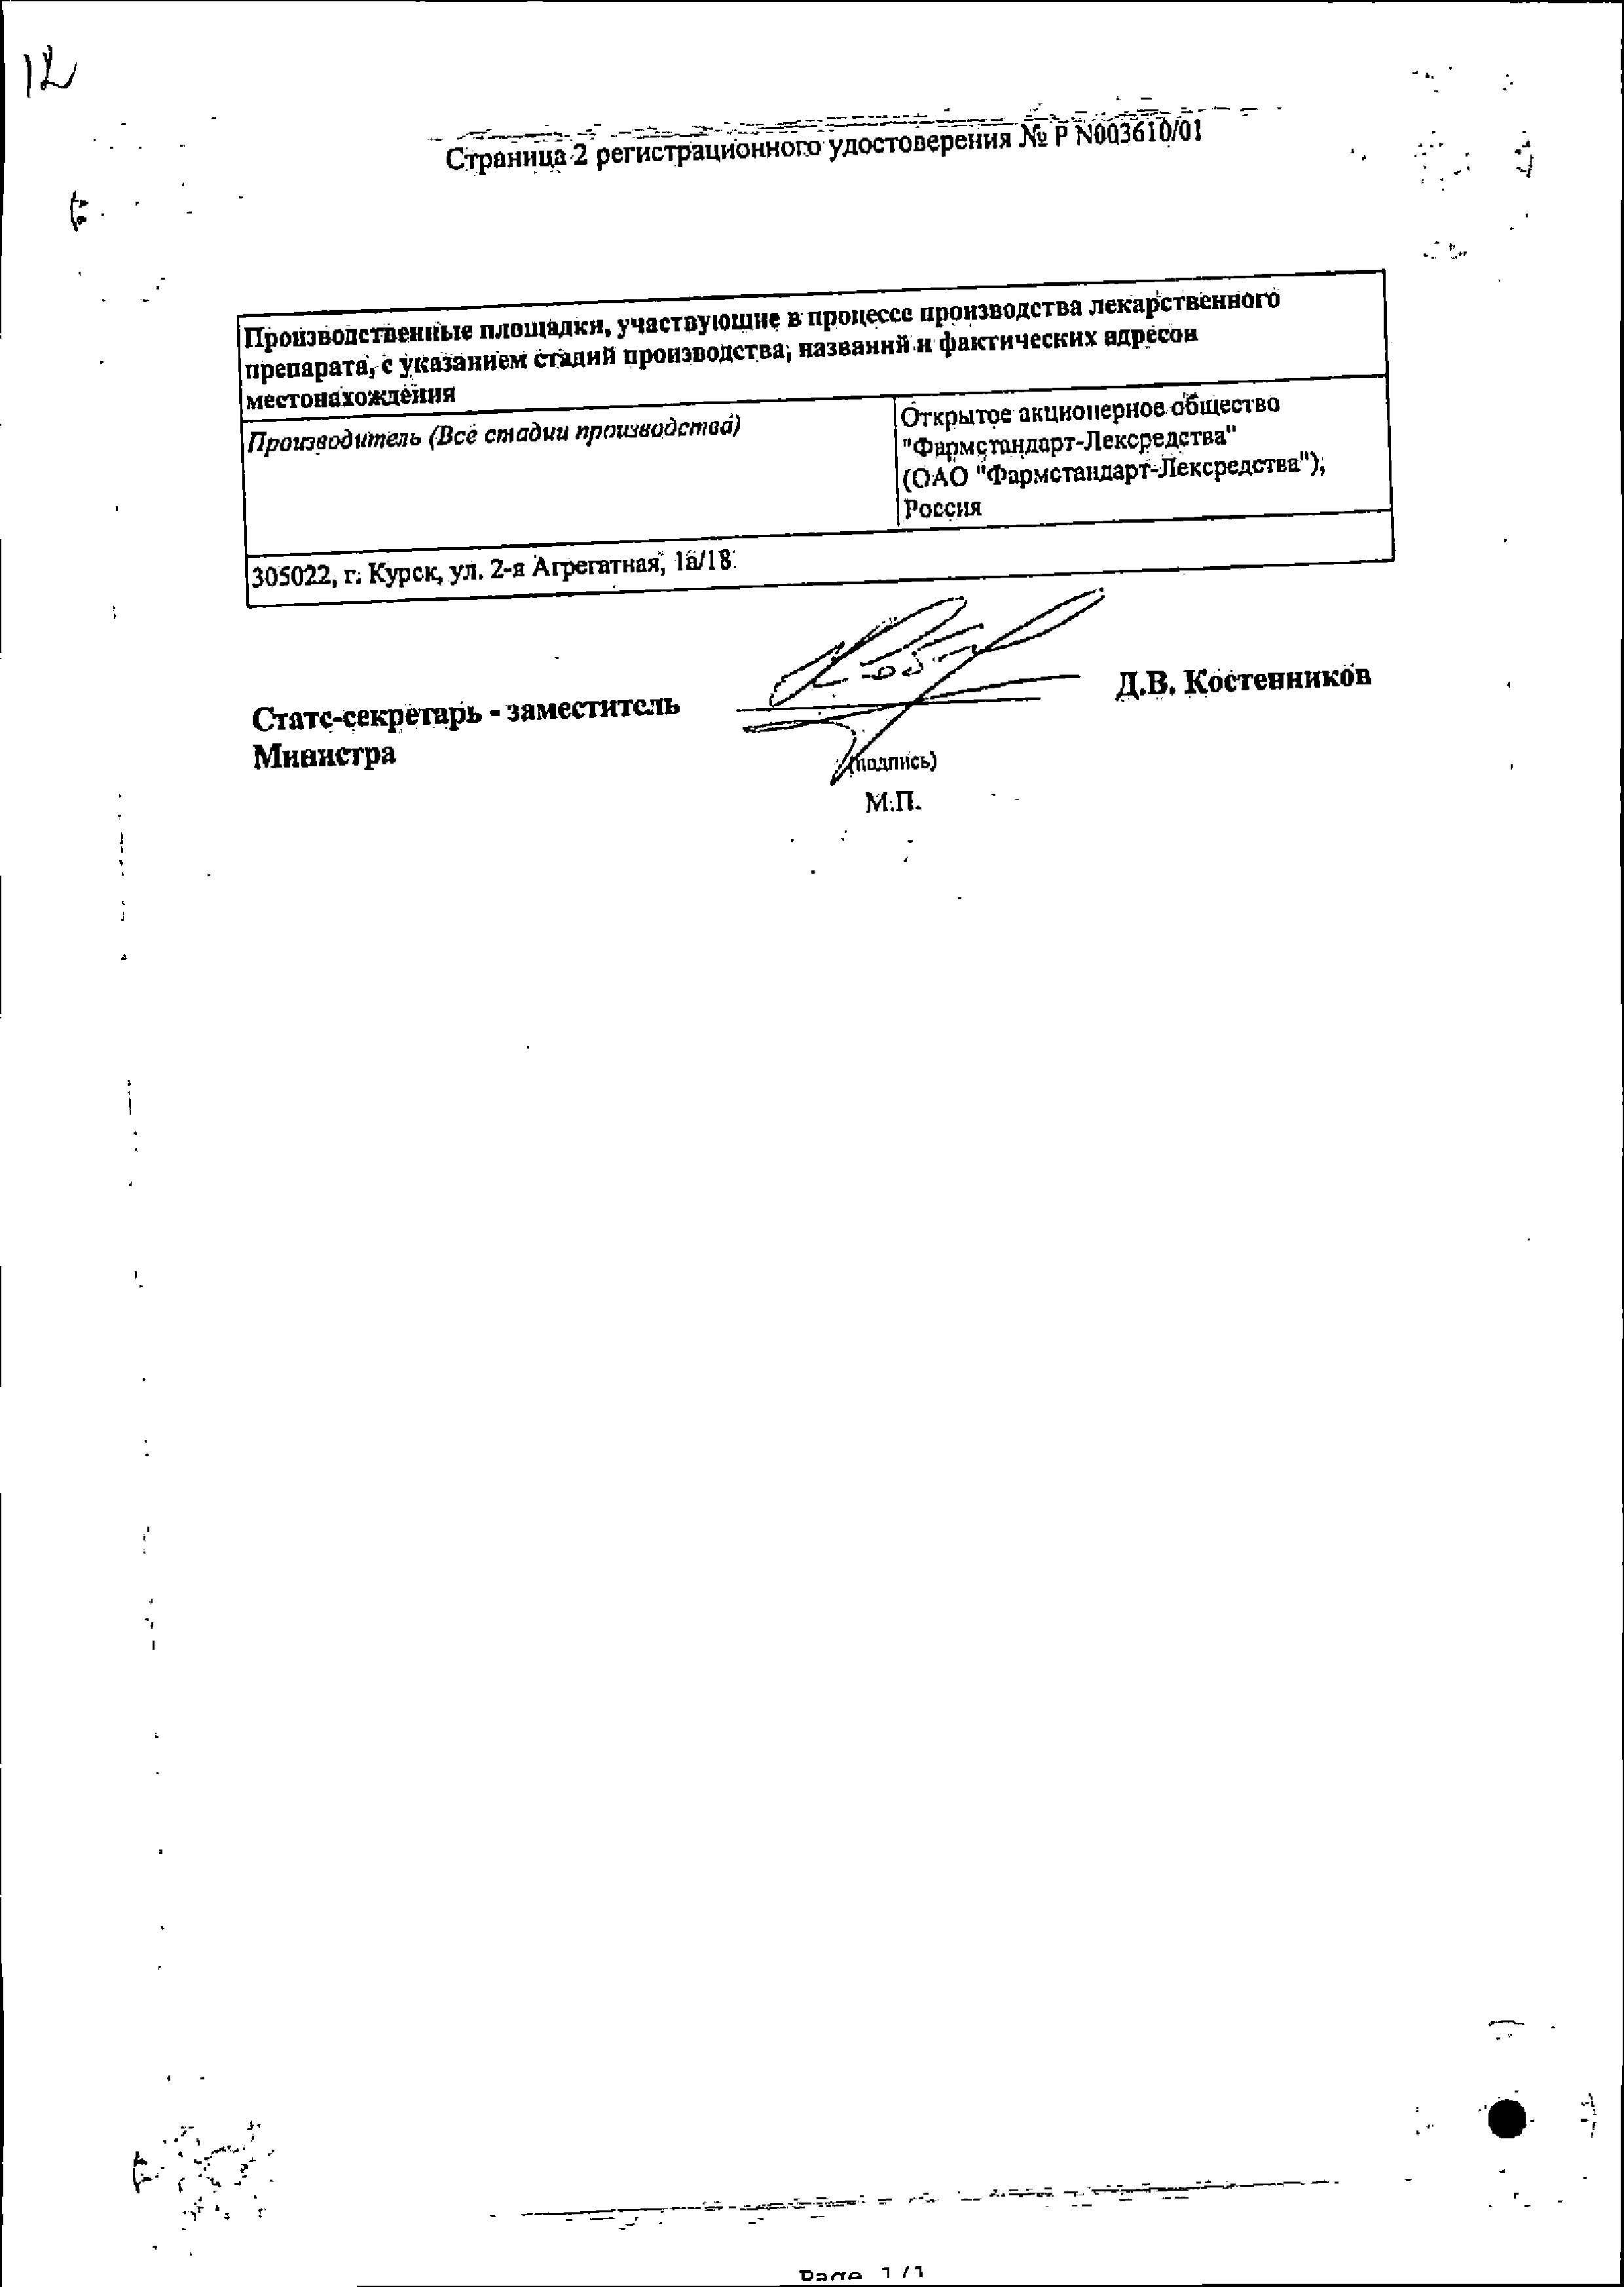 Арбидол сертификат